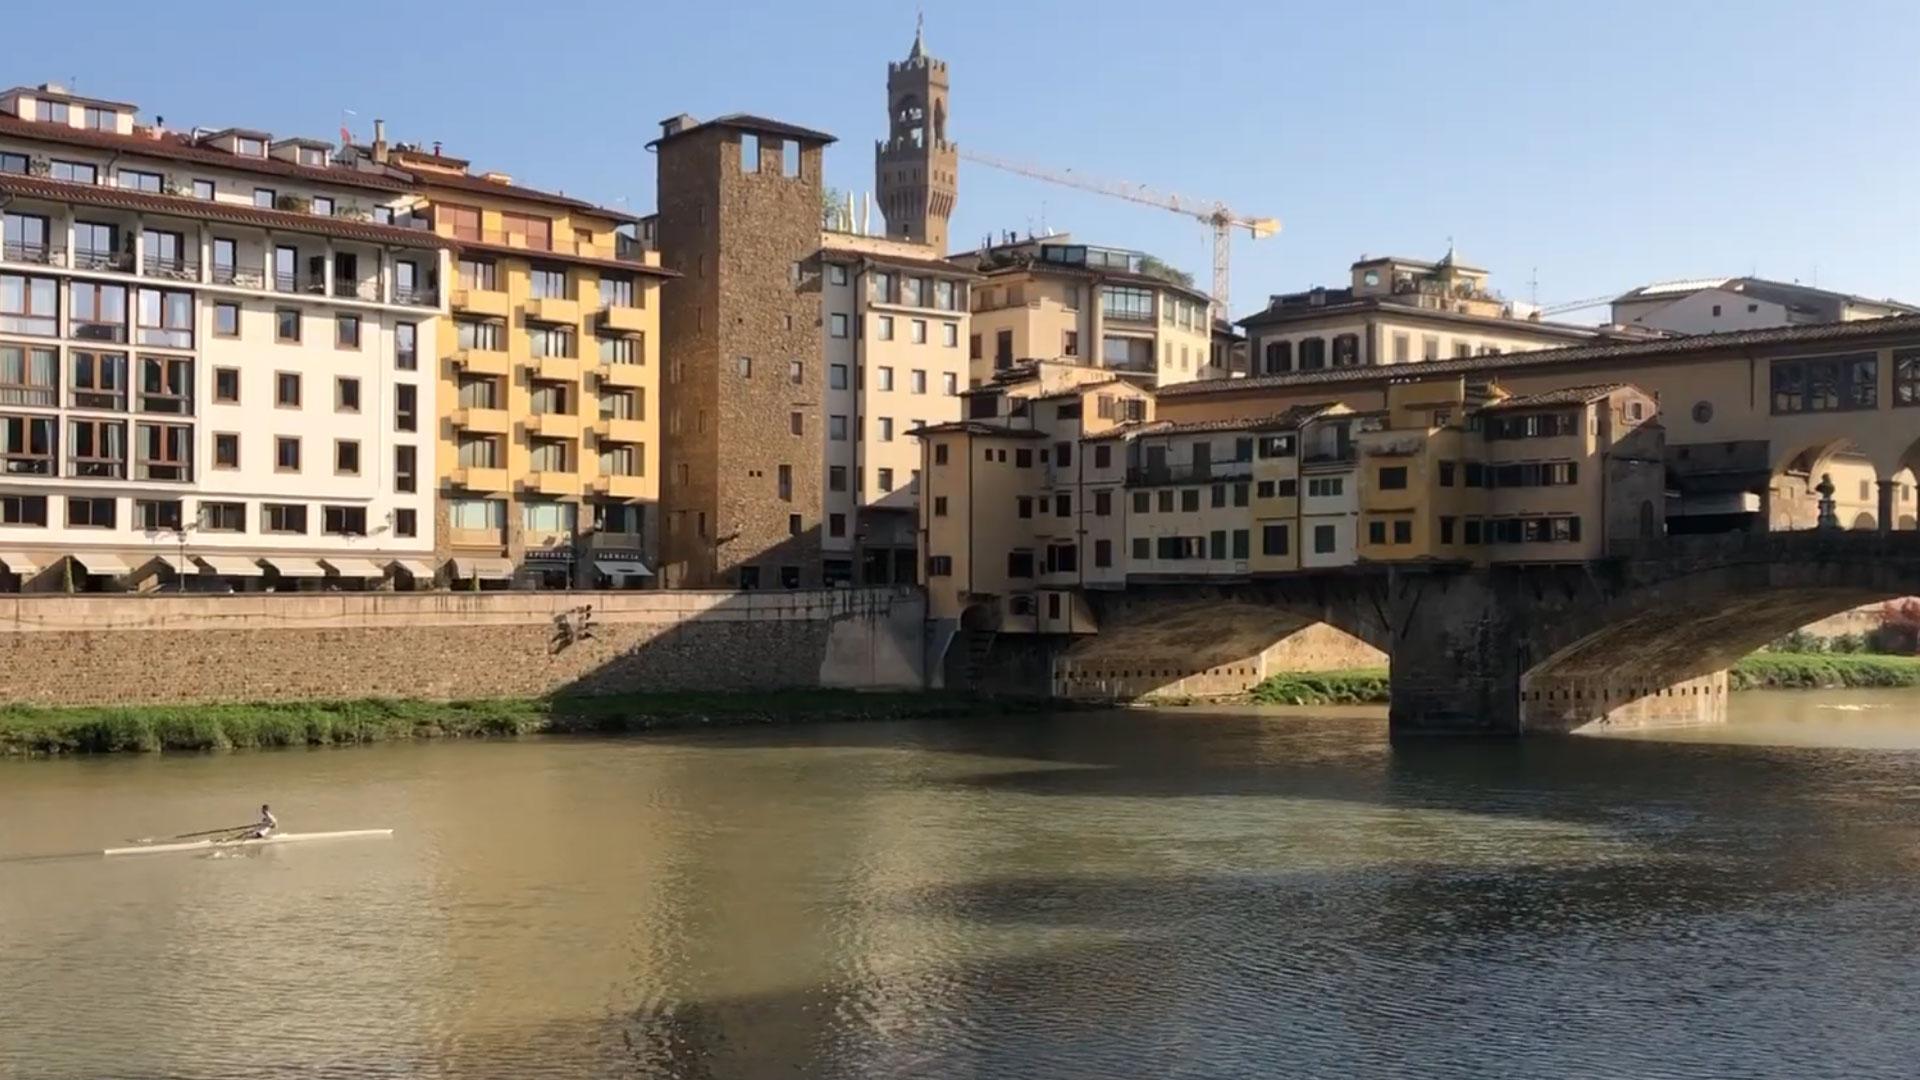 Firenze, vista del Ponte Vecchio e del Ponte Santa Trinita